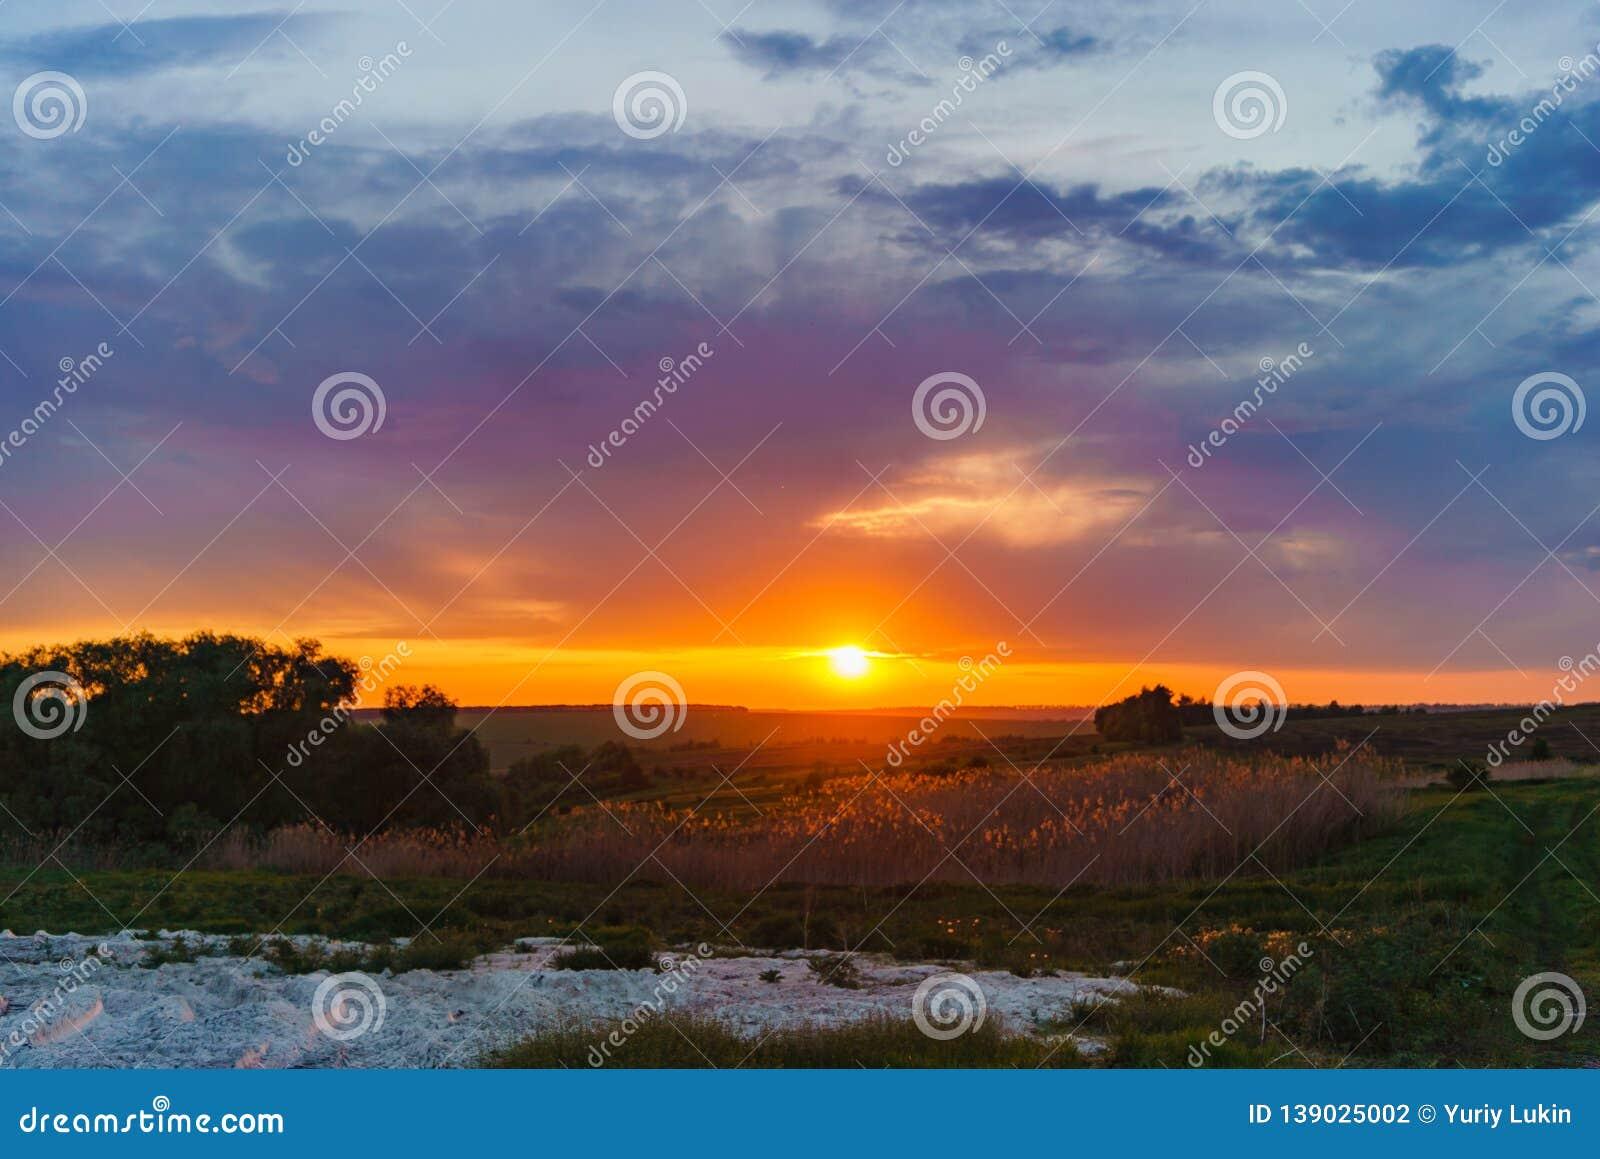 Πορτοκαλί ηλιοβασίλεμα βραδιού πέρα από τη λίμνη Valday, φωτογραφία τοπίων φύσης της Ρωσίας Ηλιοβασίλεμα φθινοπώρου, υπαίθρια φύσ